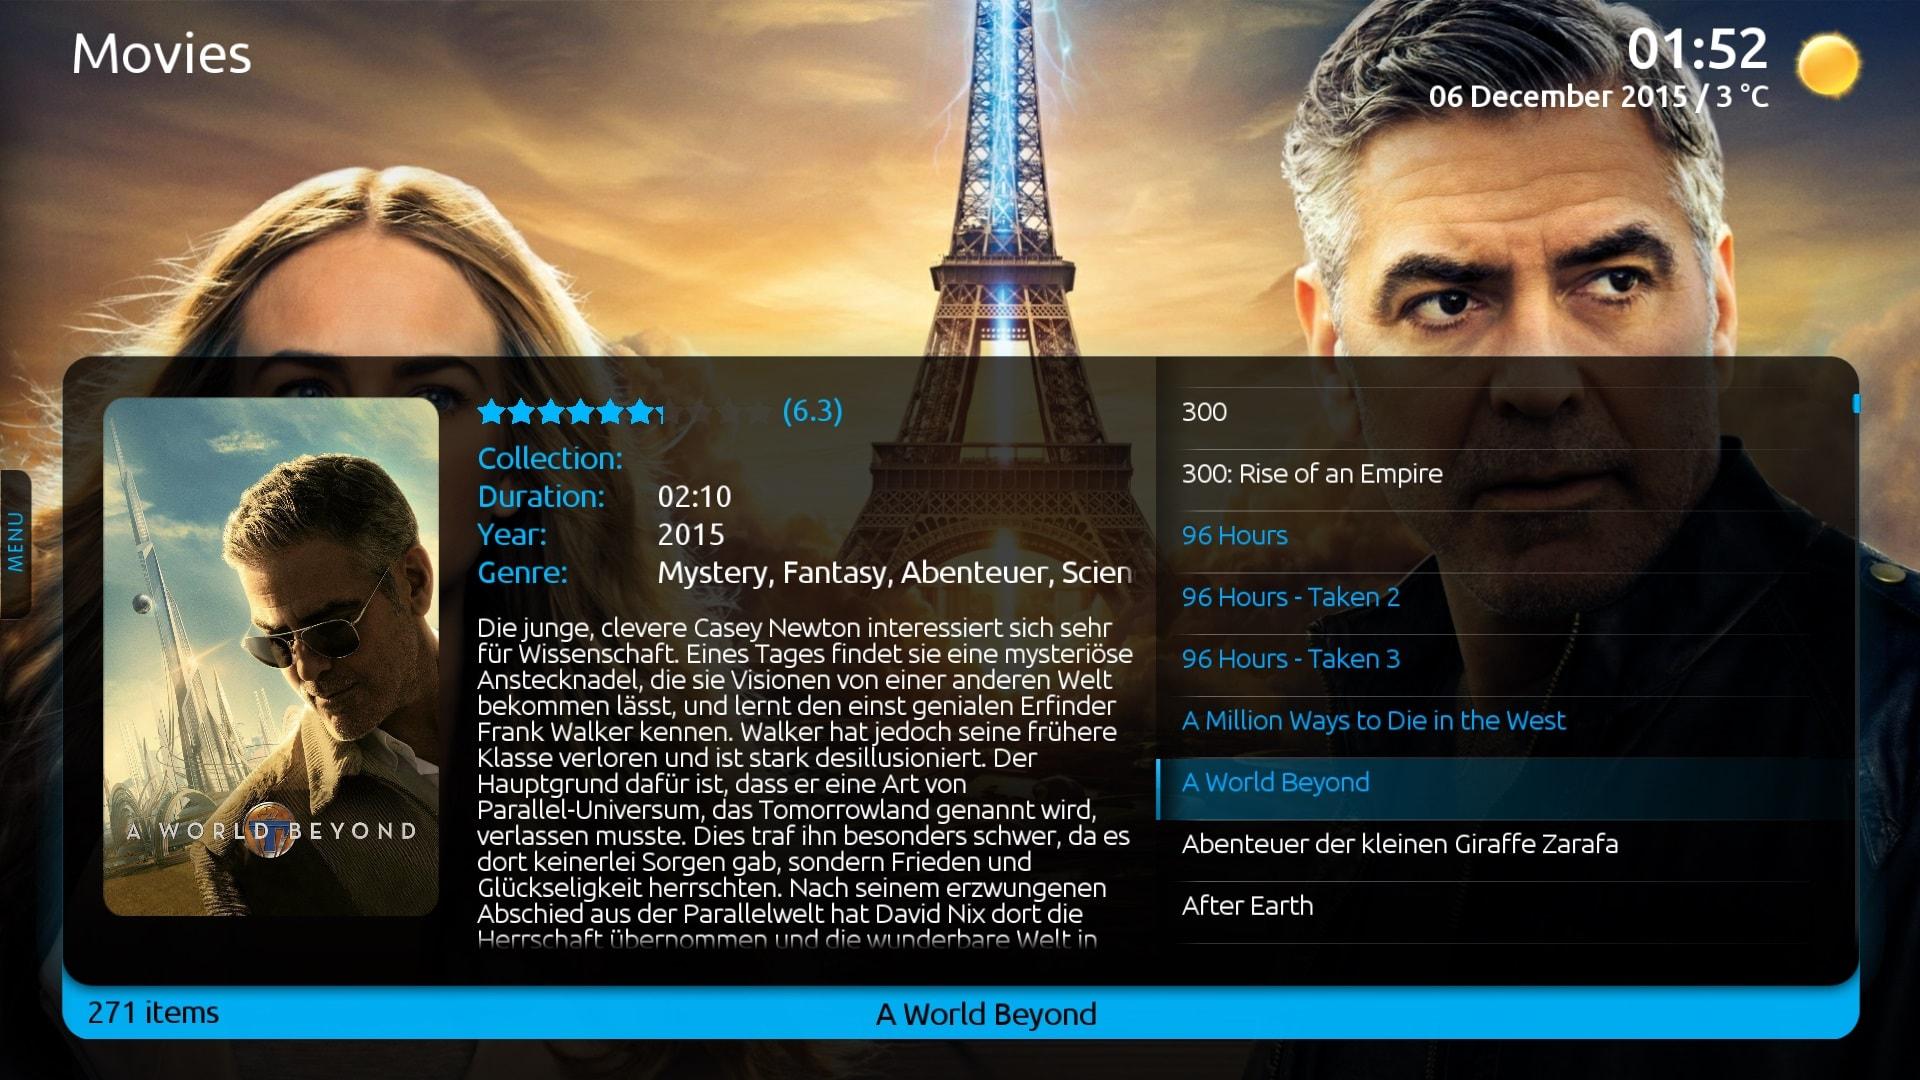 MovieListSmall.jpg